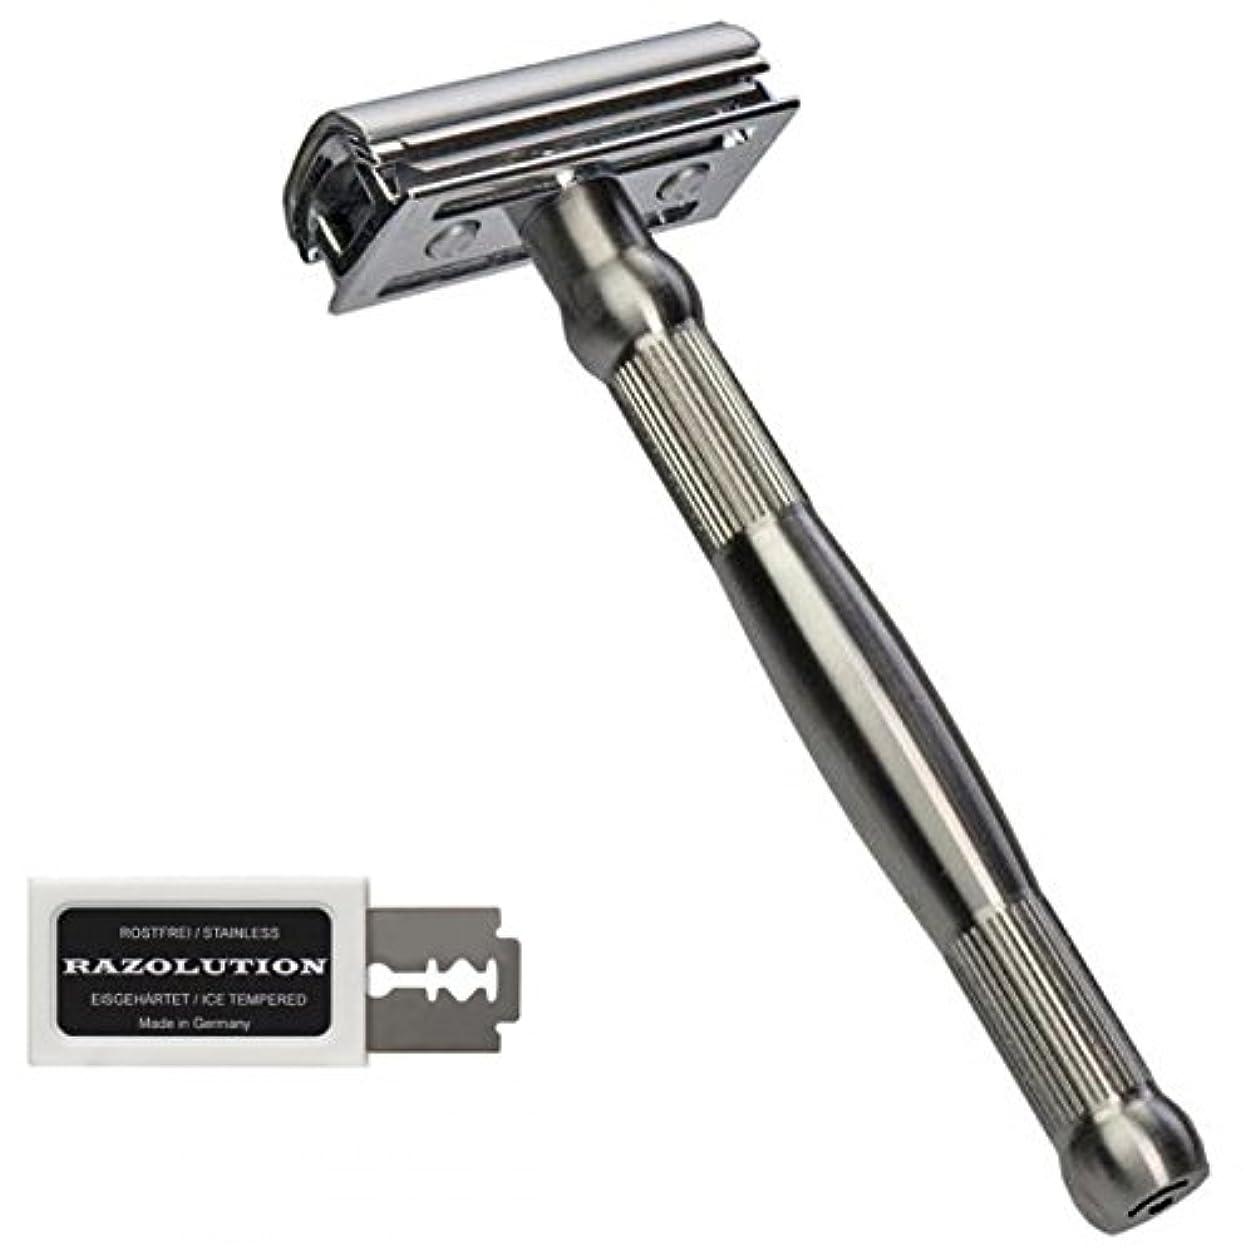 緑緊急石RAZOLUTION 4Edge Safety razor, stainless steel handle